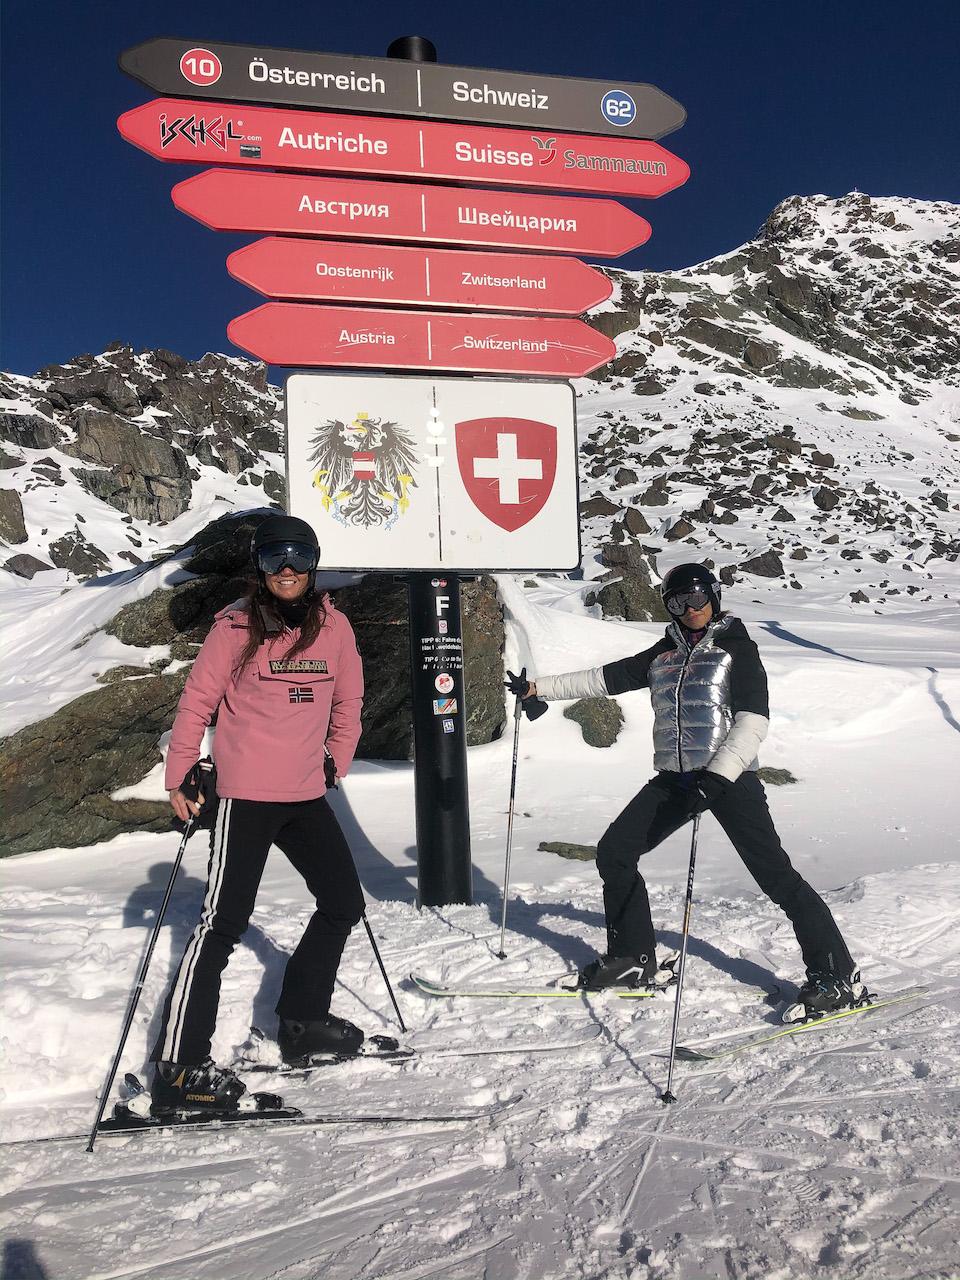 Ischgl ski - wintersport tips - Samnaun - wintersport map - skien in Oostenrijk en Zwitserland - Amandine Hach - Chloe Sterk